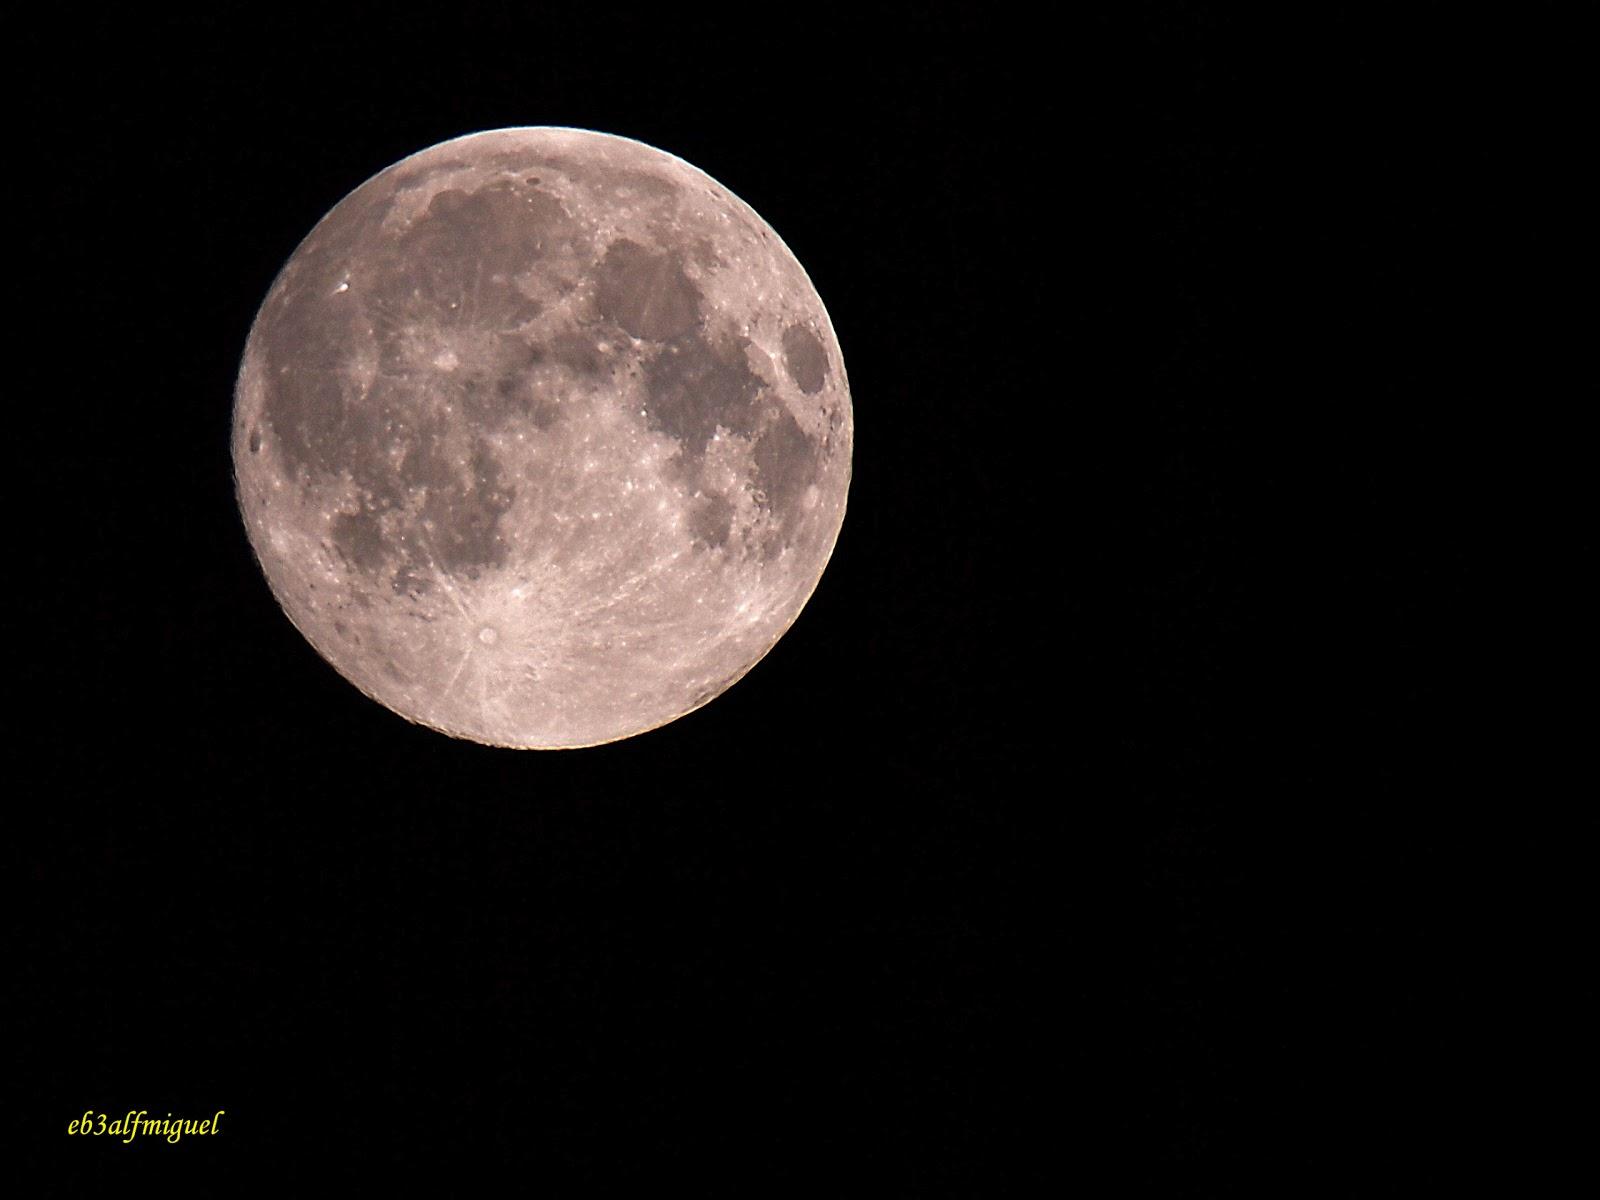 Miguel fotografia la luna de hoy for Hoy hay cambio de luna